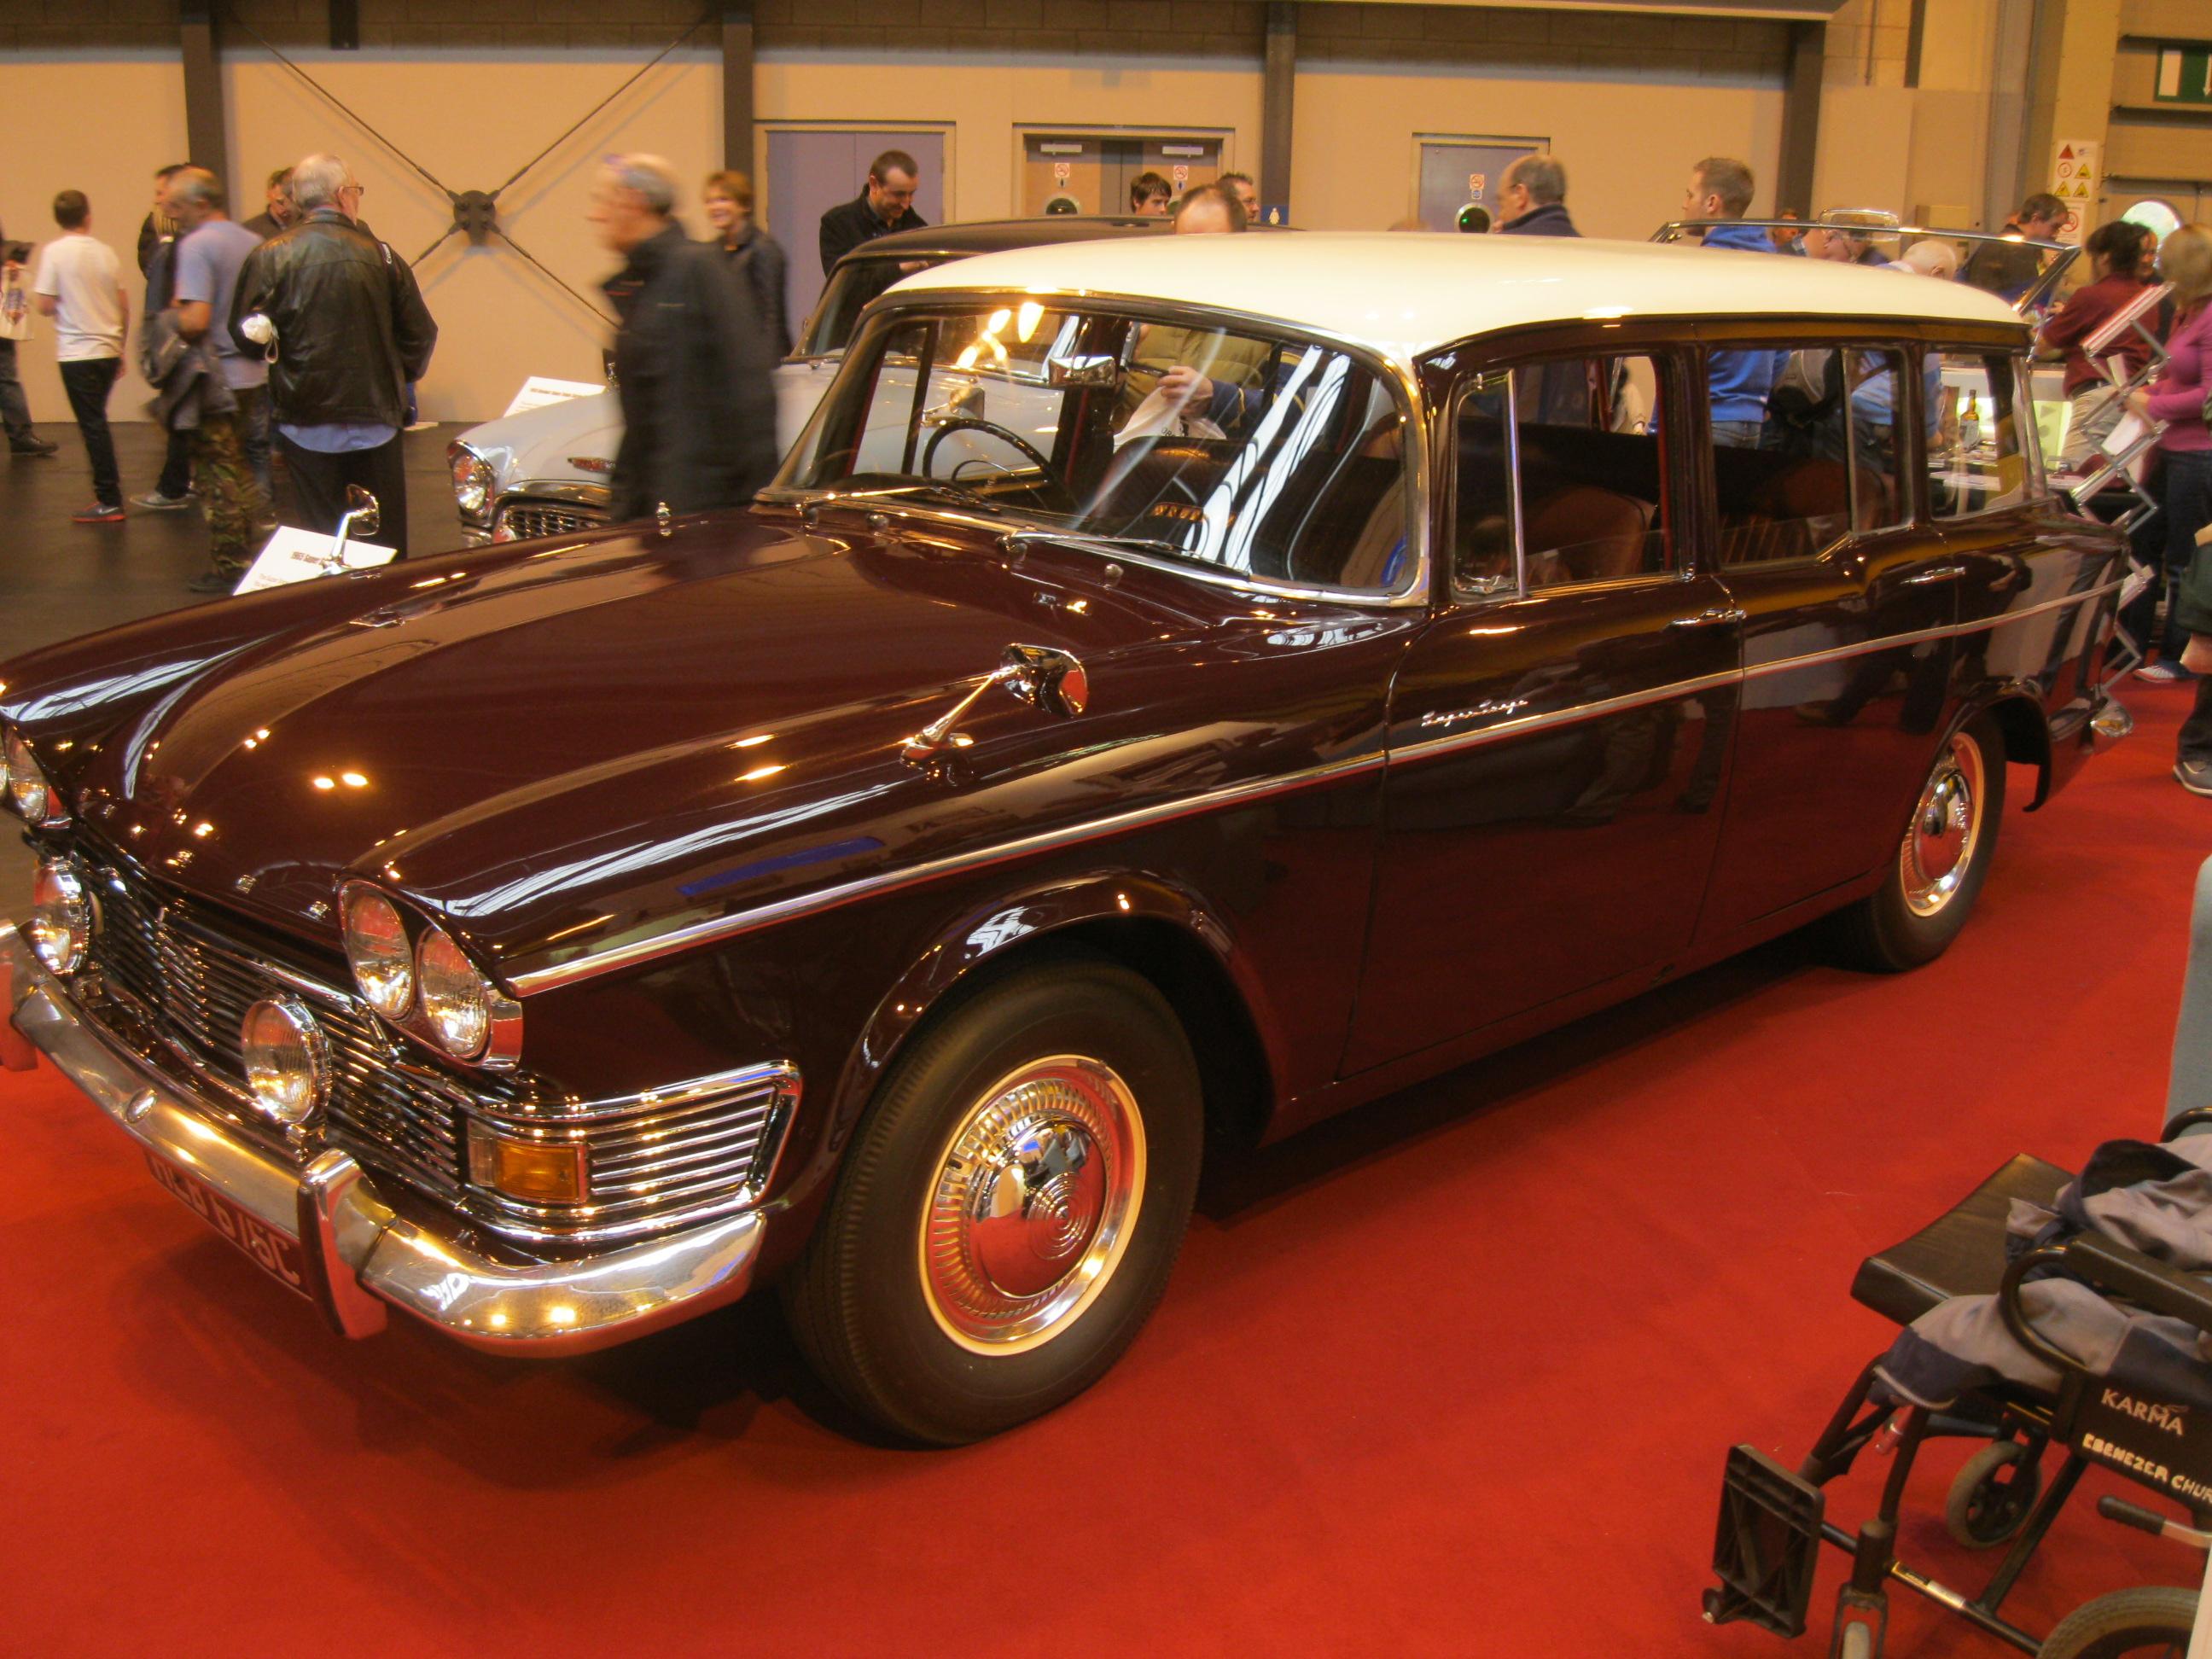 File:Mid-1960s Humber Super Snipe Mk.V Estate Car (10966532814).jpg ...